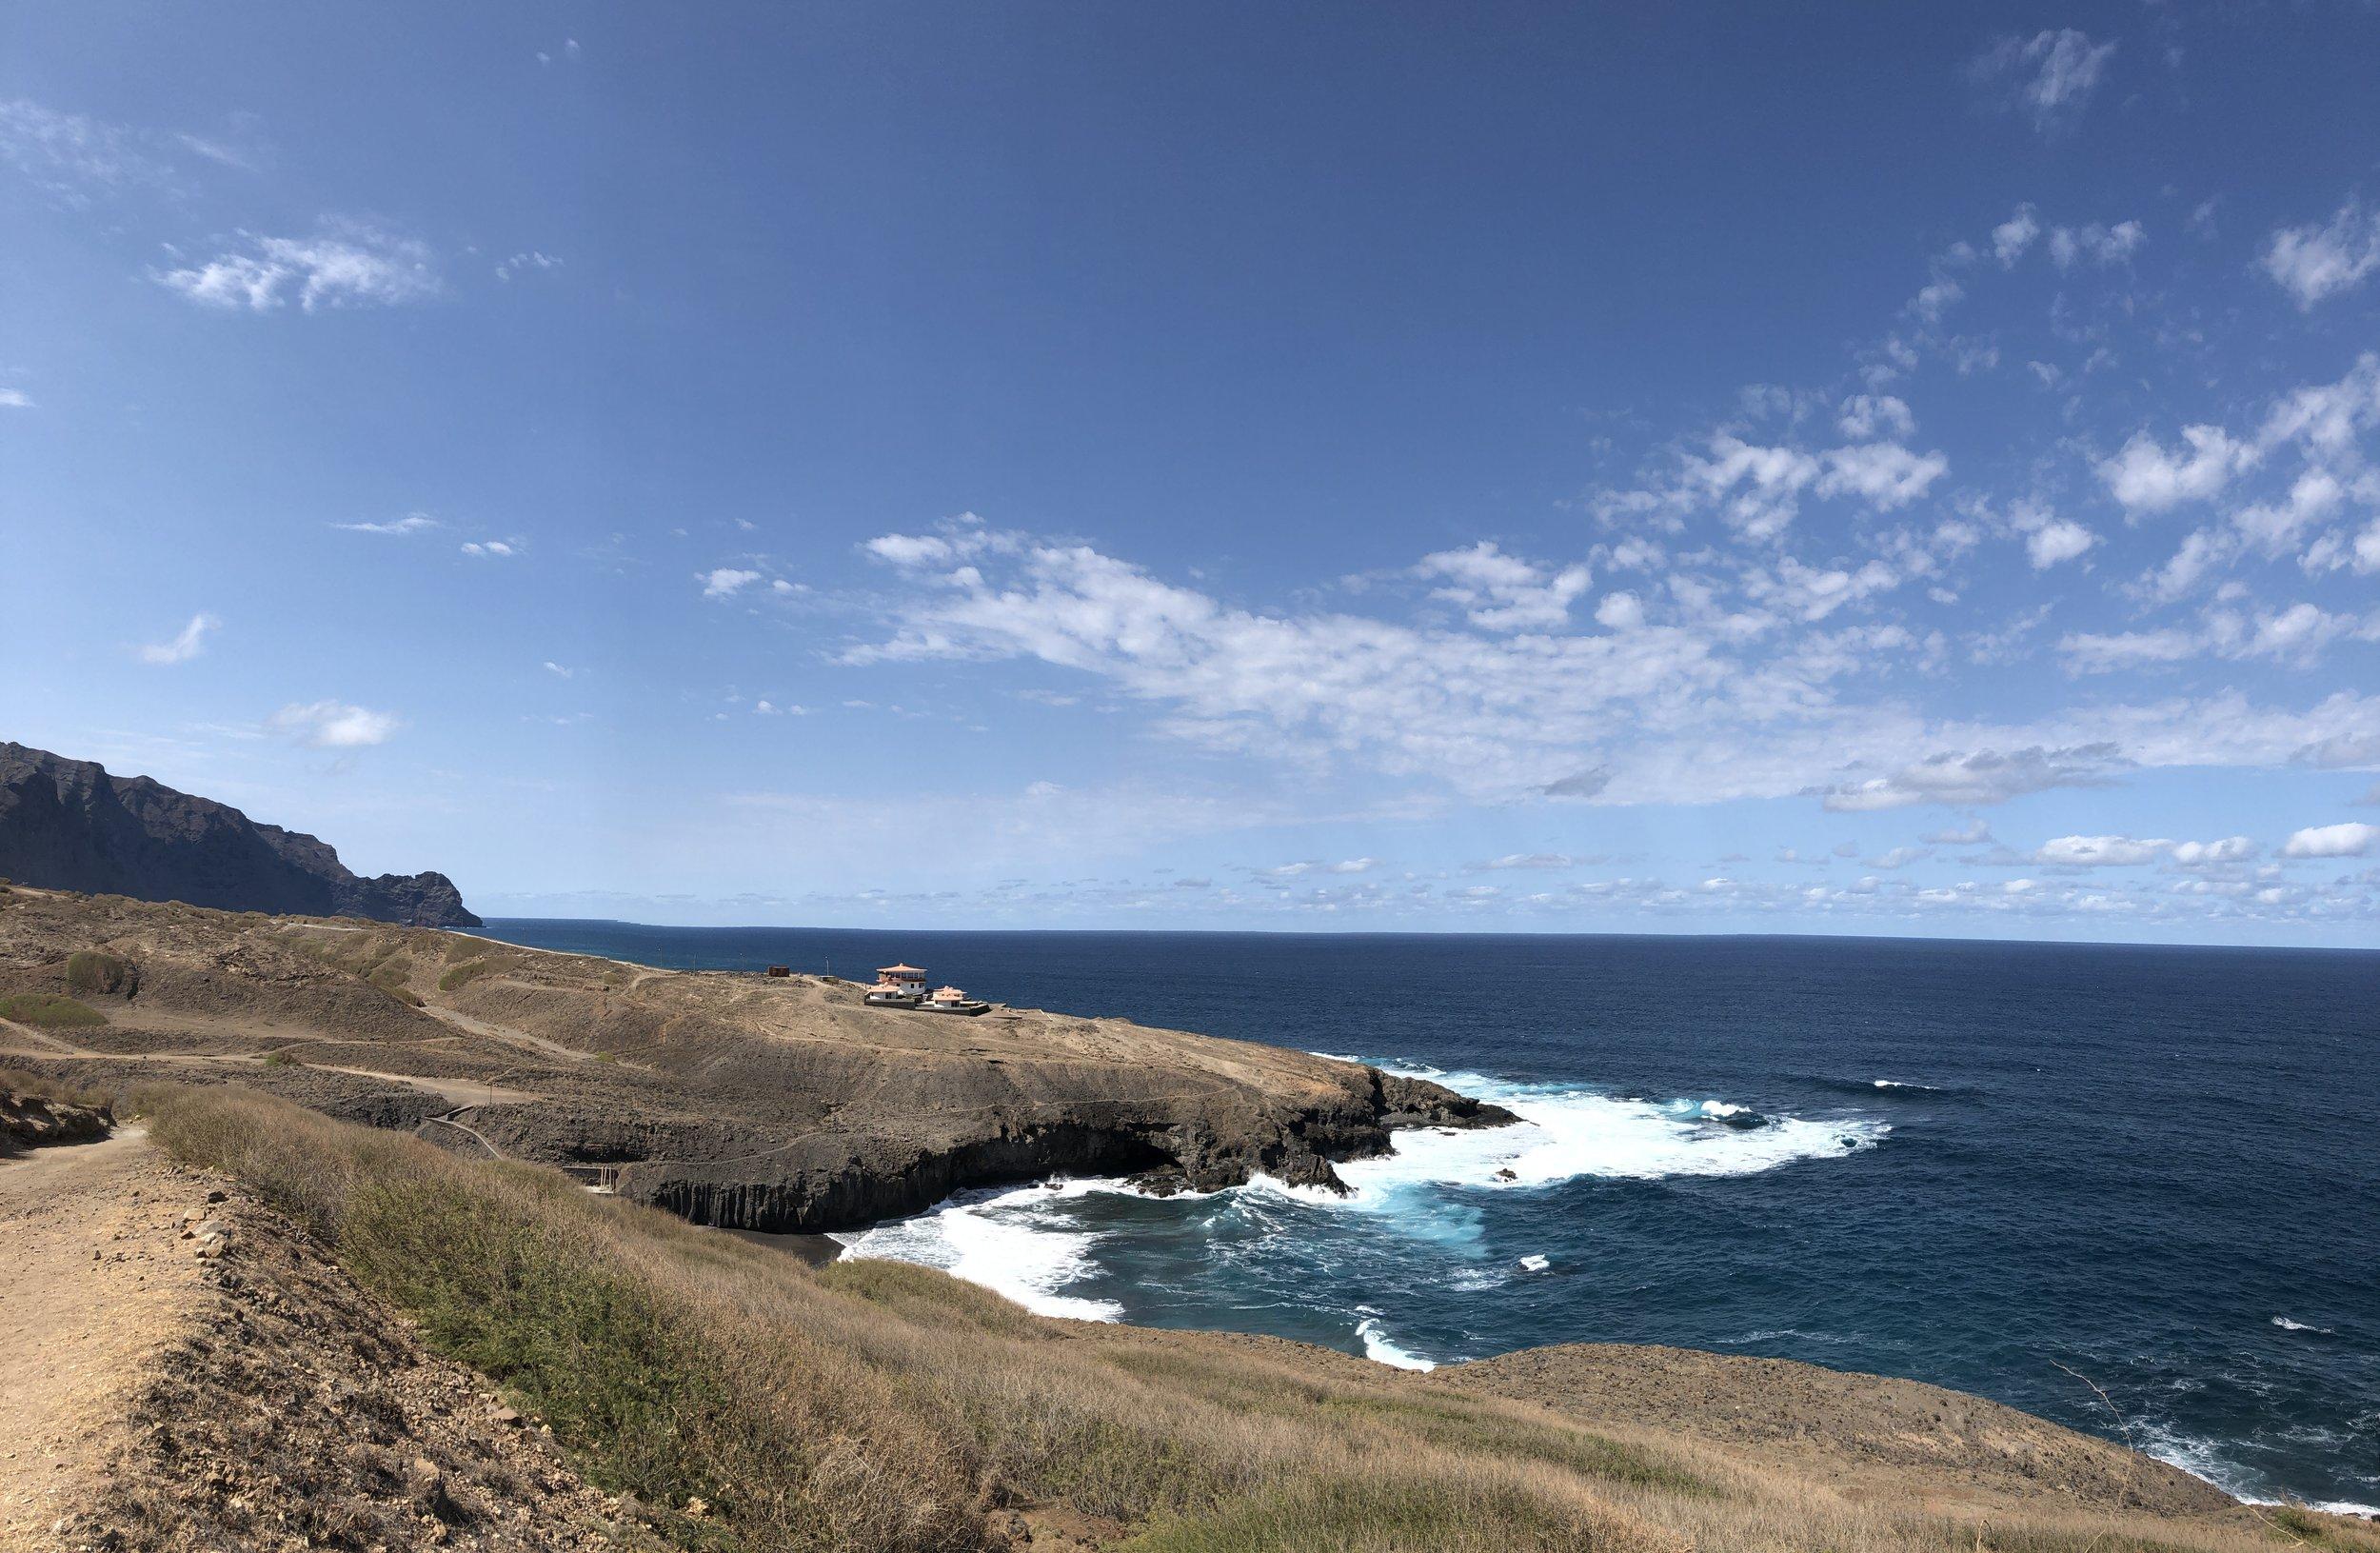 サントアンタオ島では国立公園内にあるエコロッジに宿泊